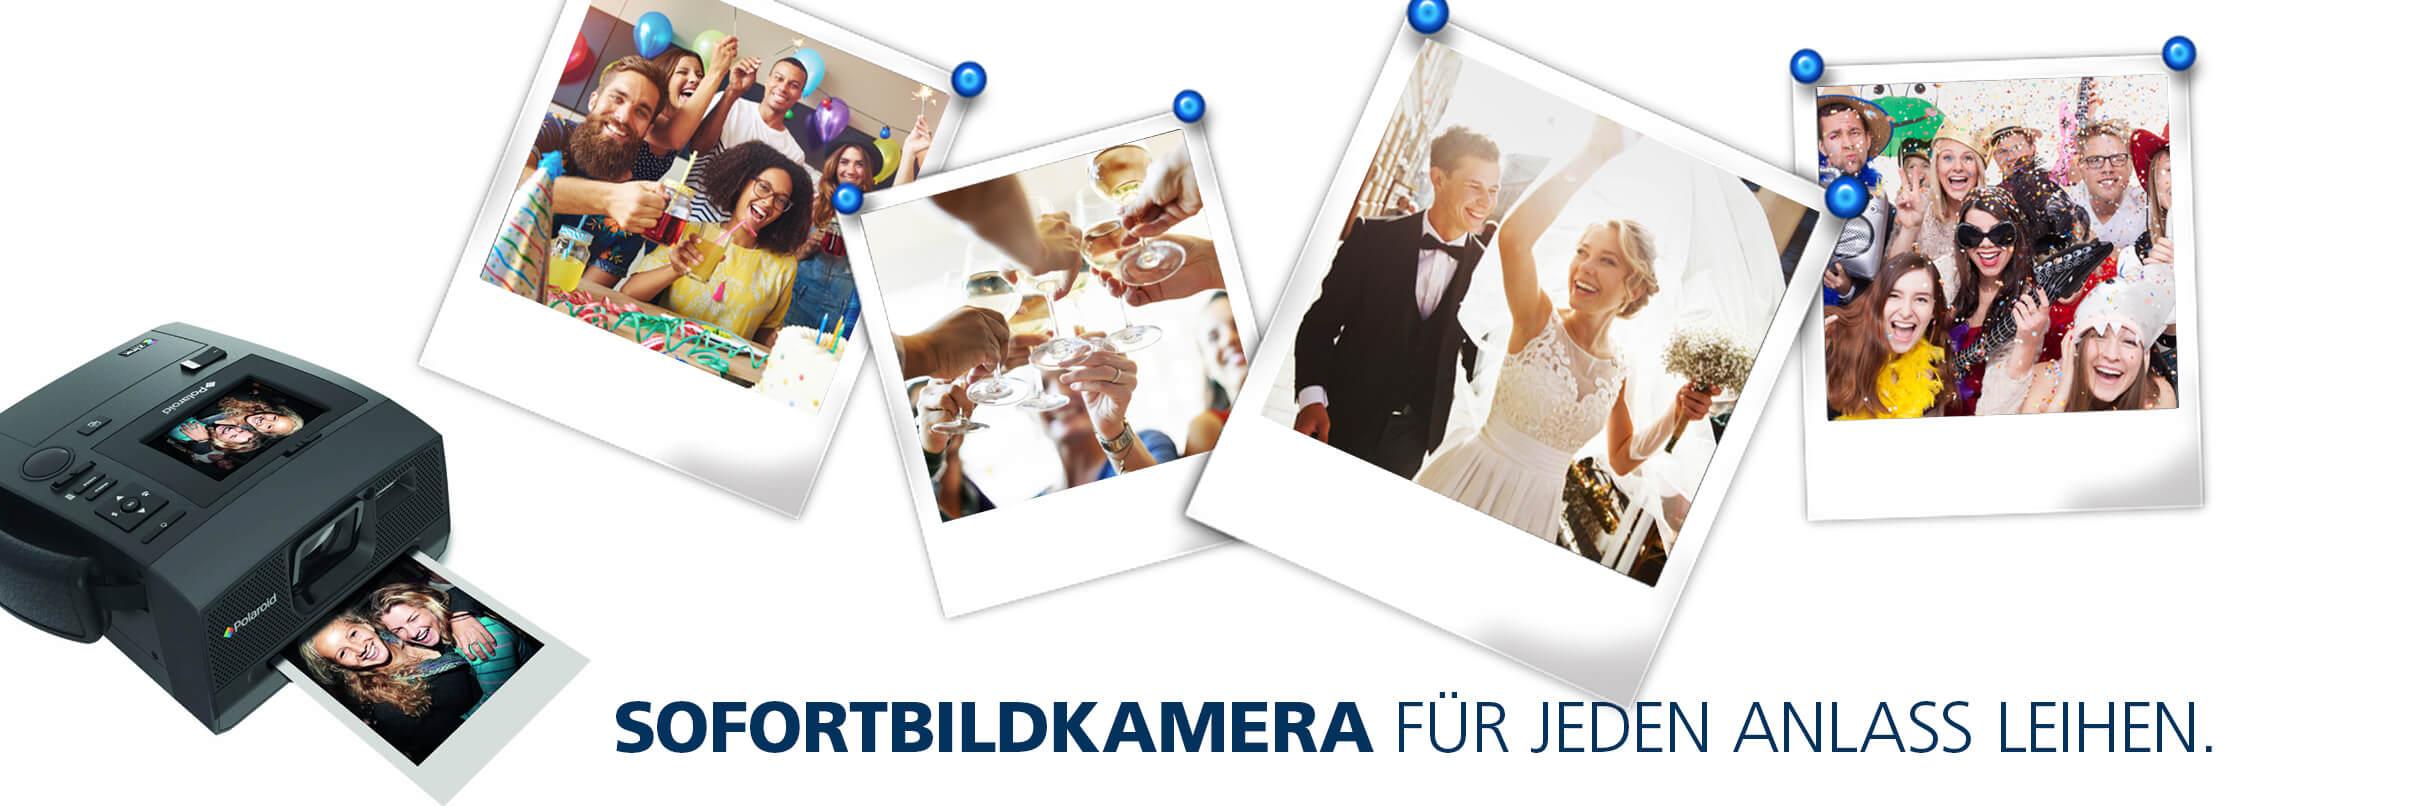 Polaroid – Sofortbildkamera für jedes Event leihen !